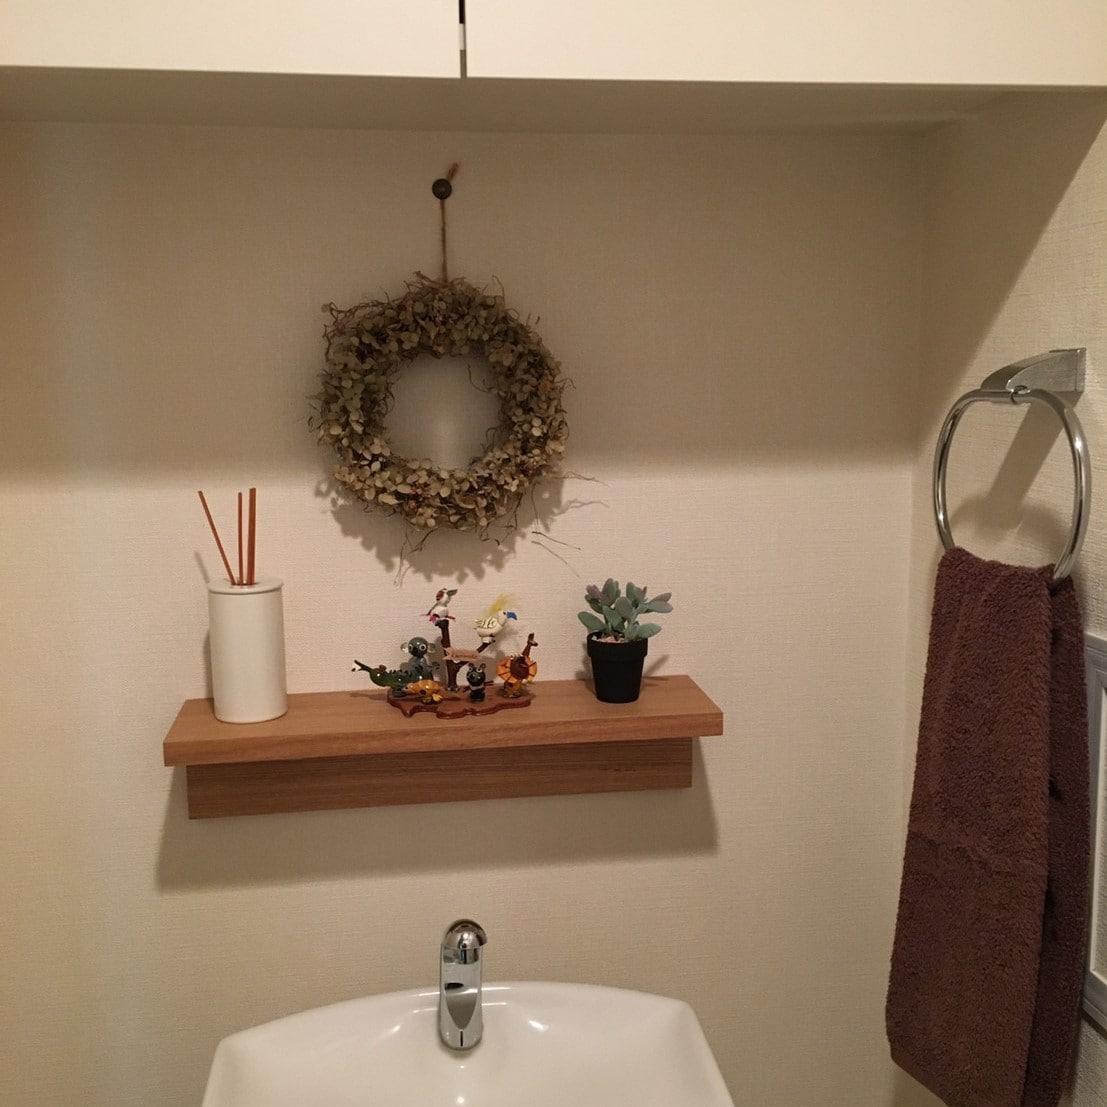 【イオンモール堺北花田】自分で簡単取付け『壁に付けられる家具・棚』|スタッフが選ぶ無印良品